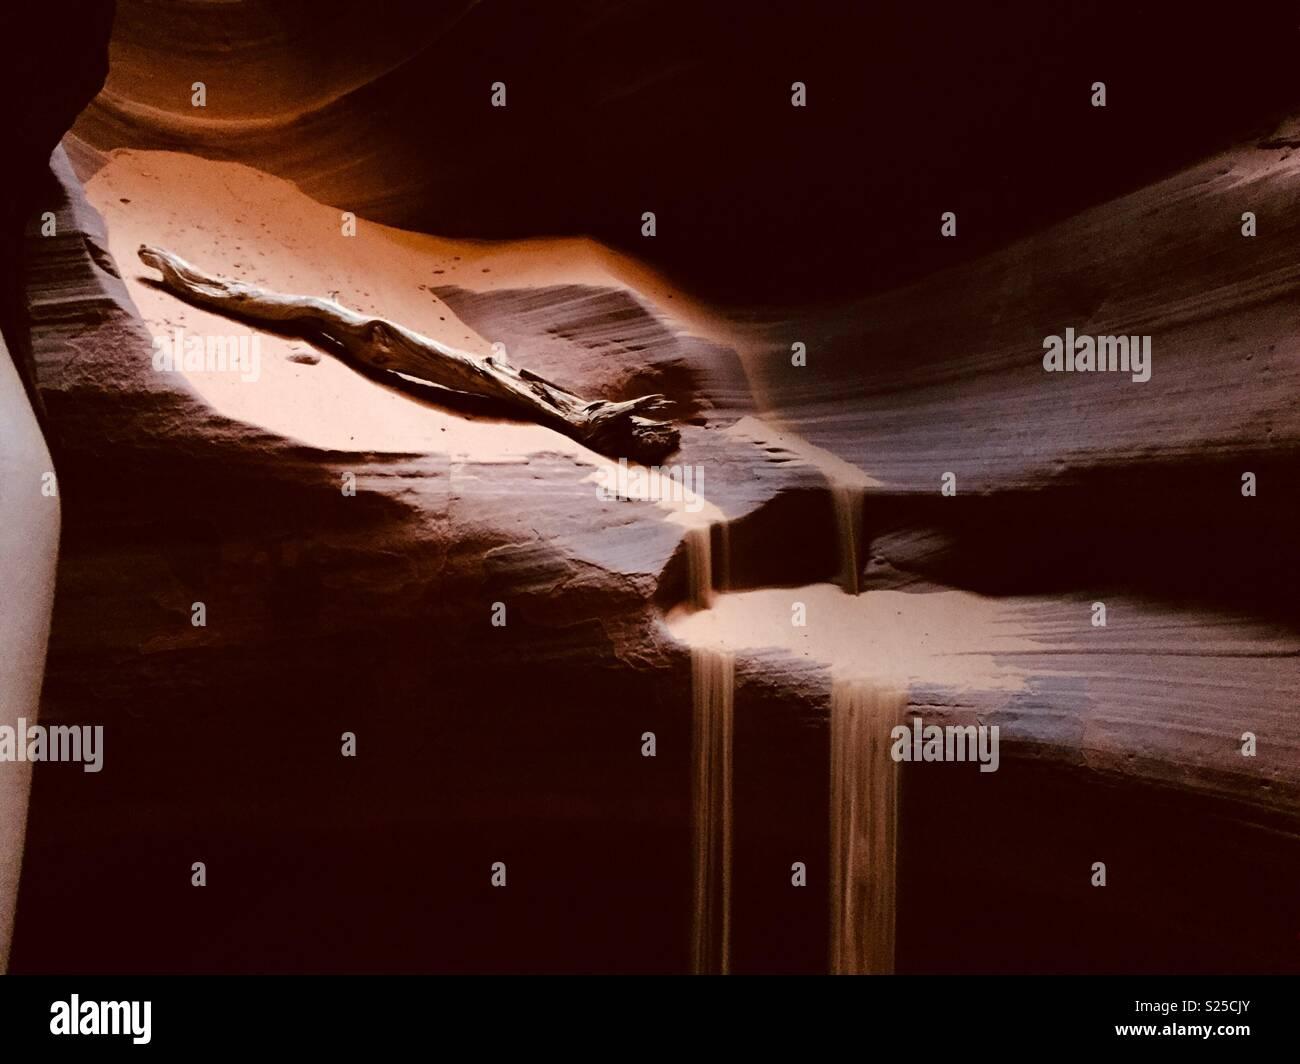 Cascate di sabbia Foto Stock